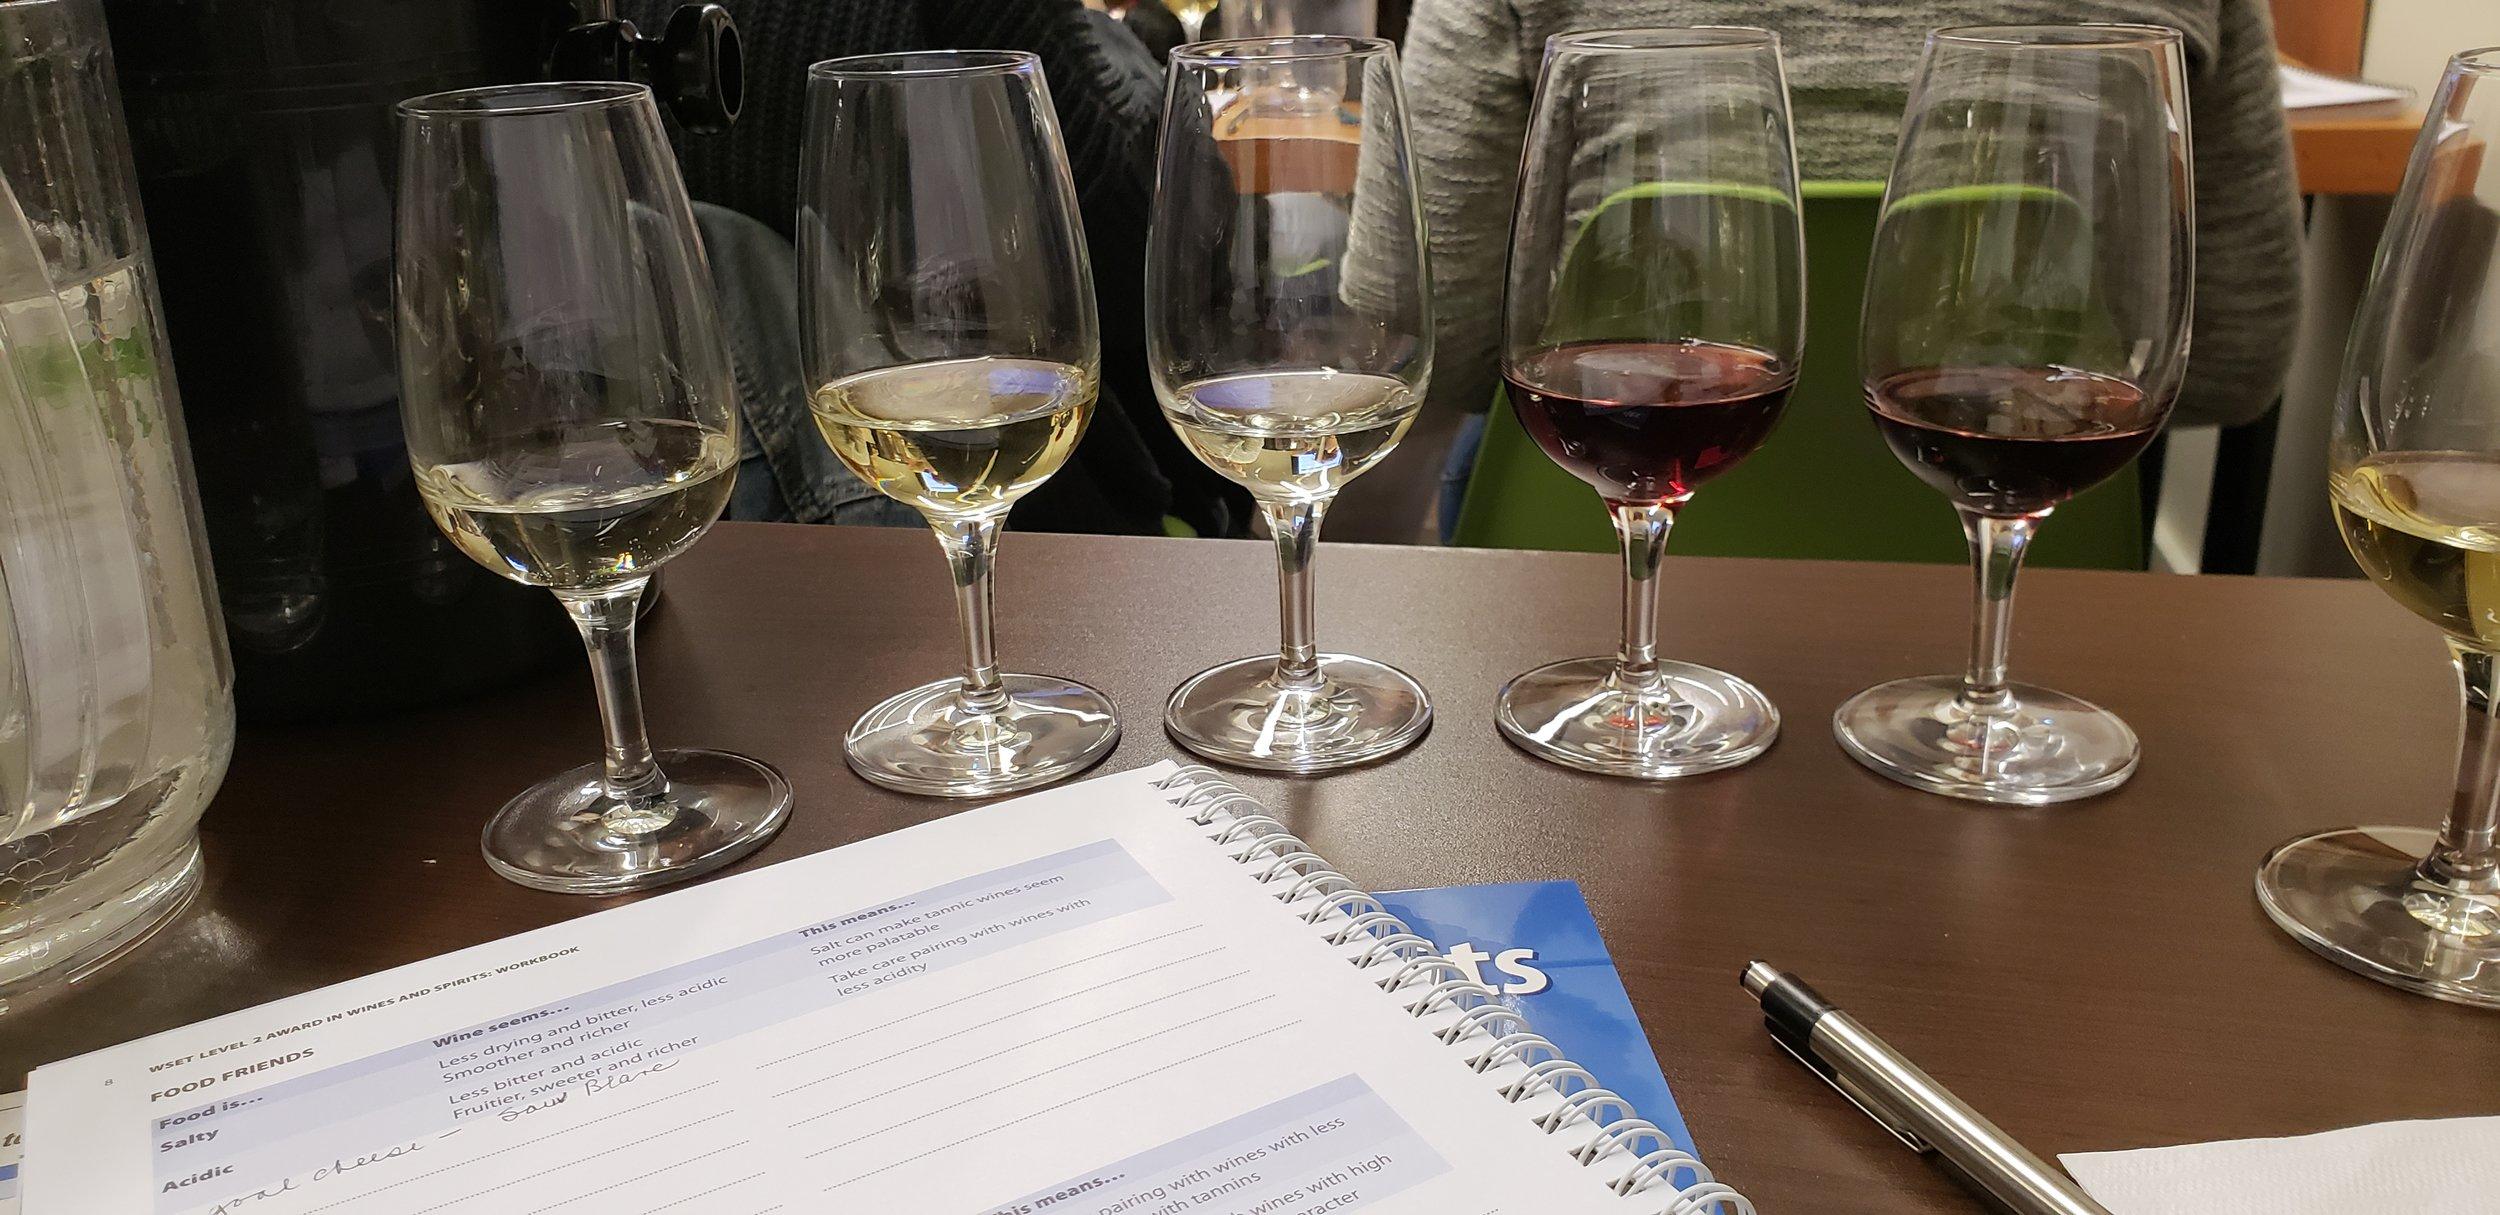 Tastebuds wine tasting vancouver island education.jpg